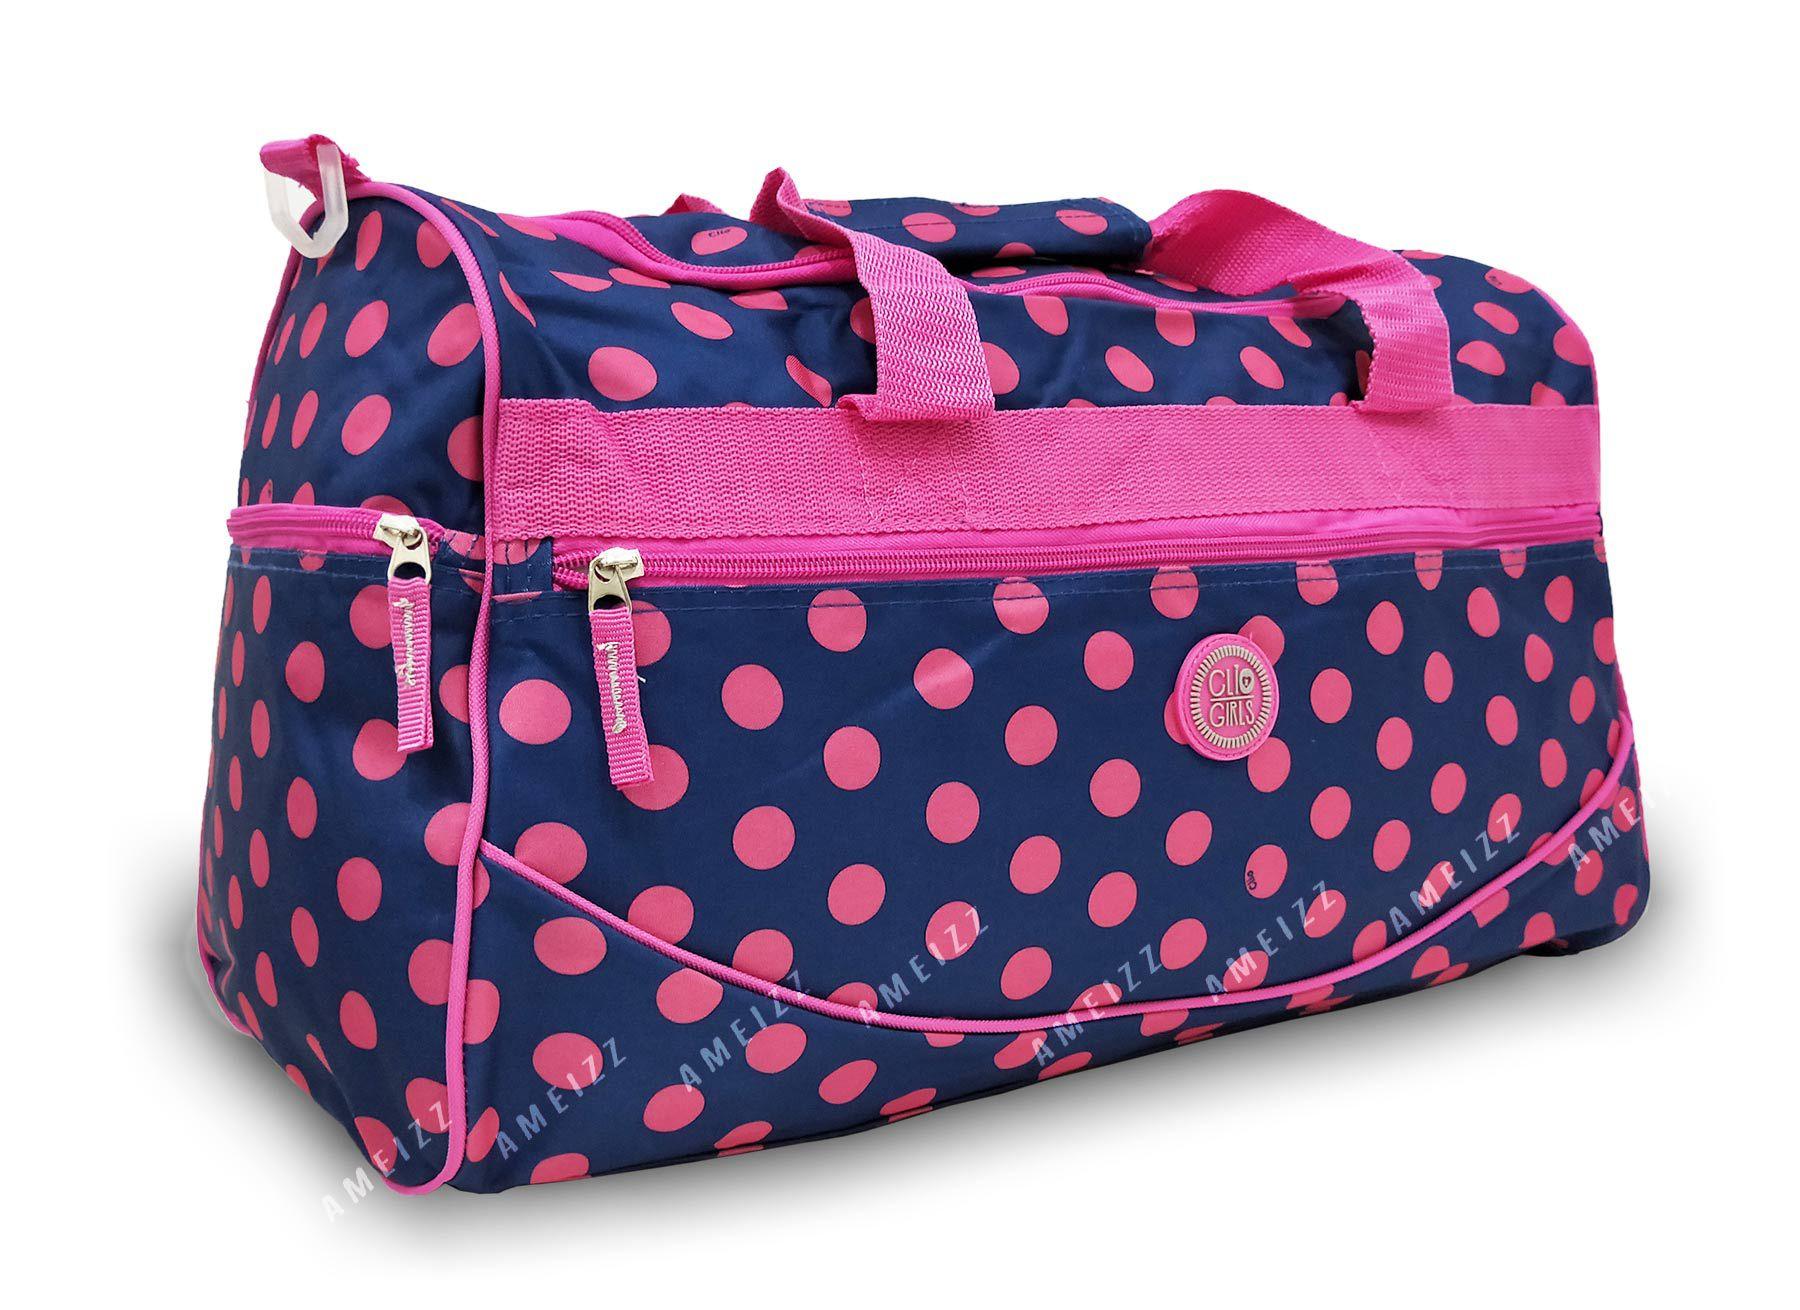 Bolsa Mala Feminina Academia Clio 9186 Grande Azul Bolinhas